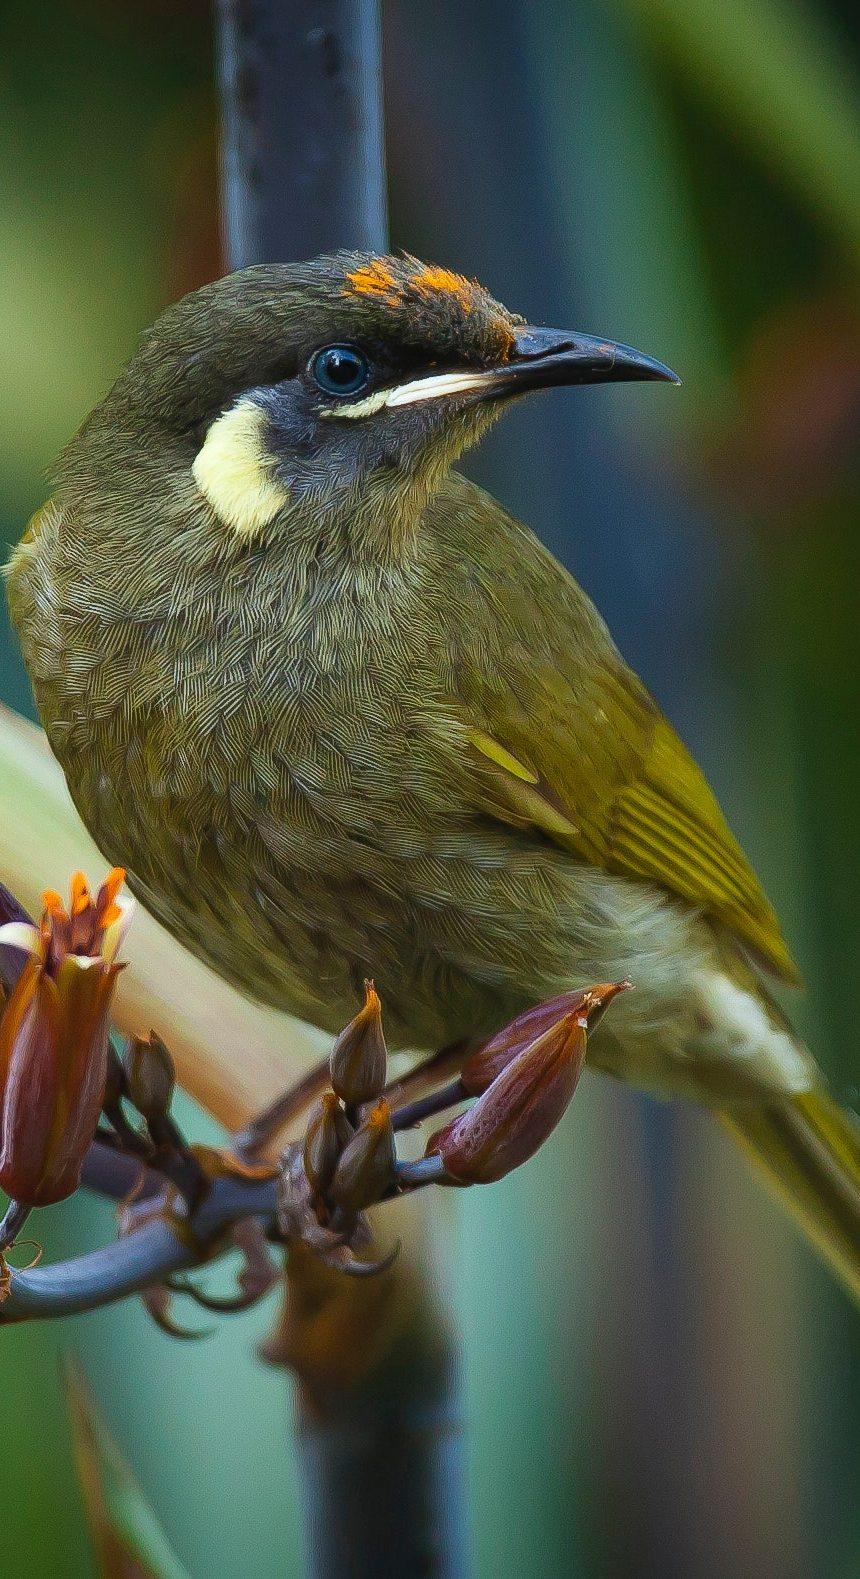 A beautiful green bird.